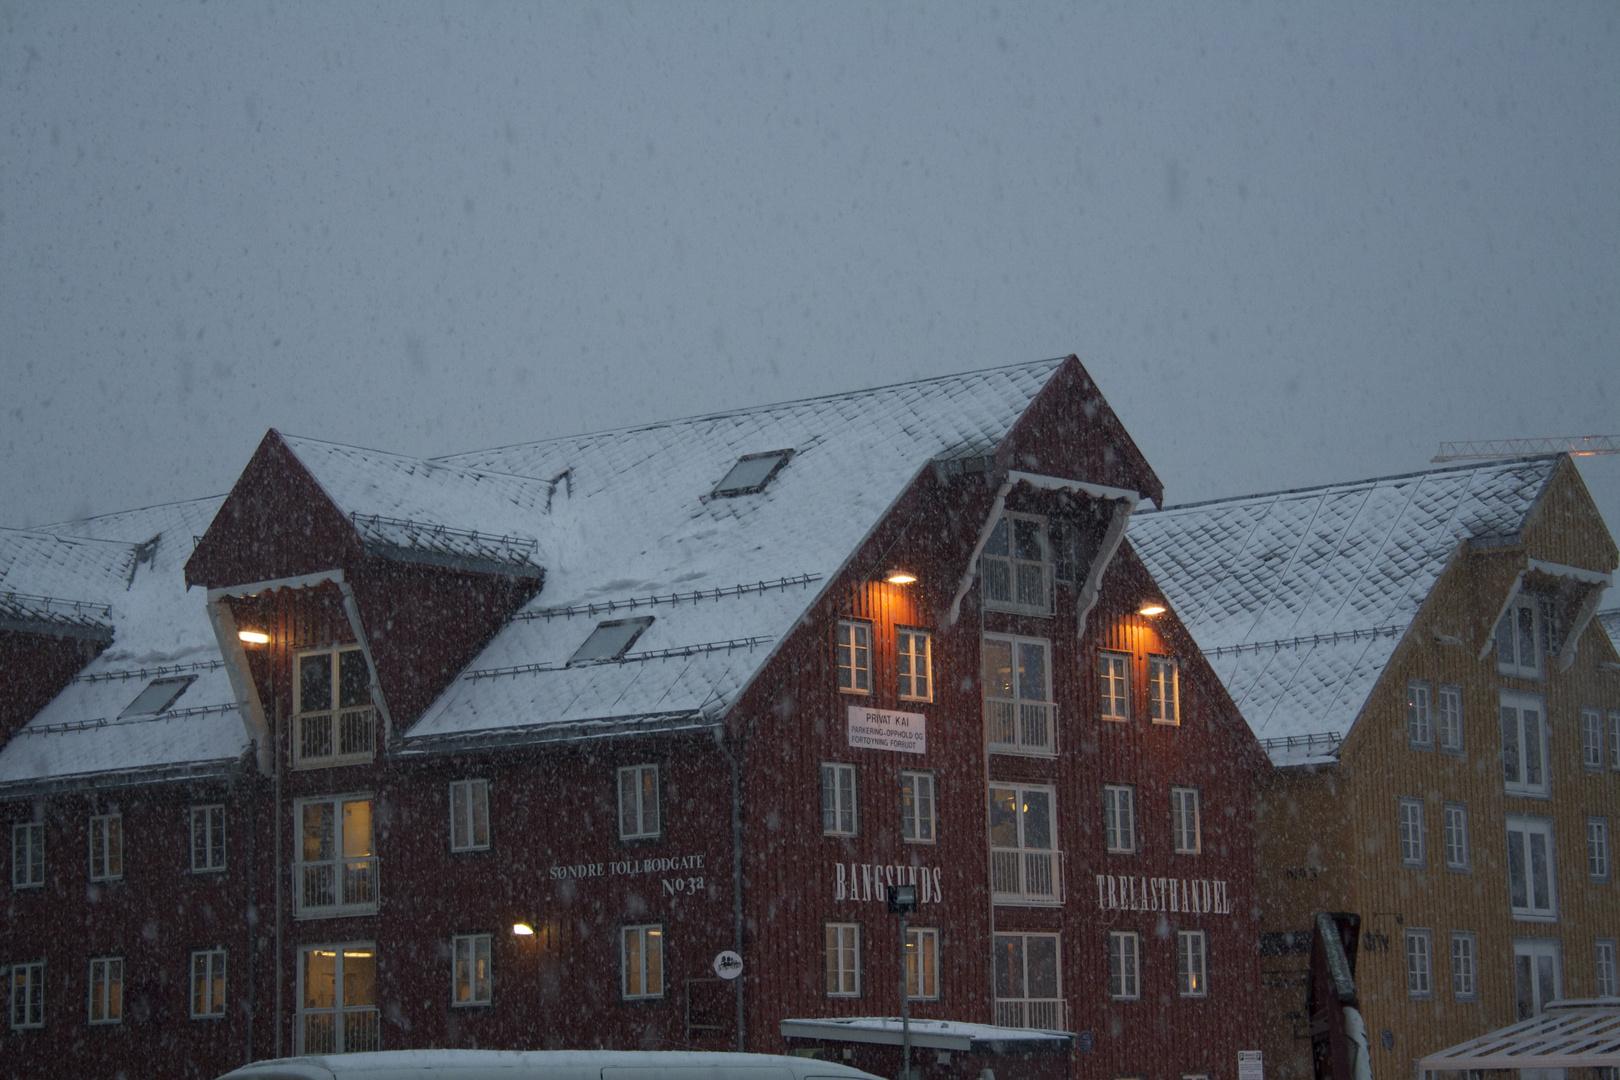 Snow Falling on Tromso II